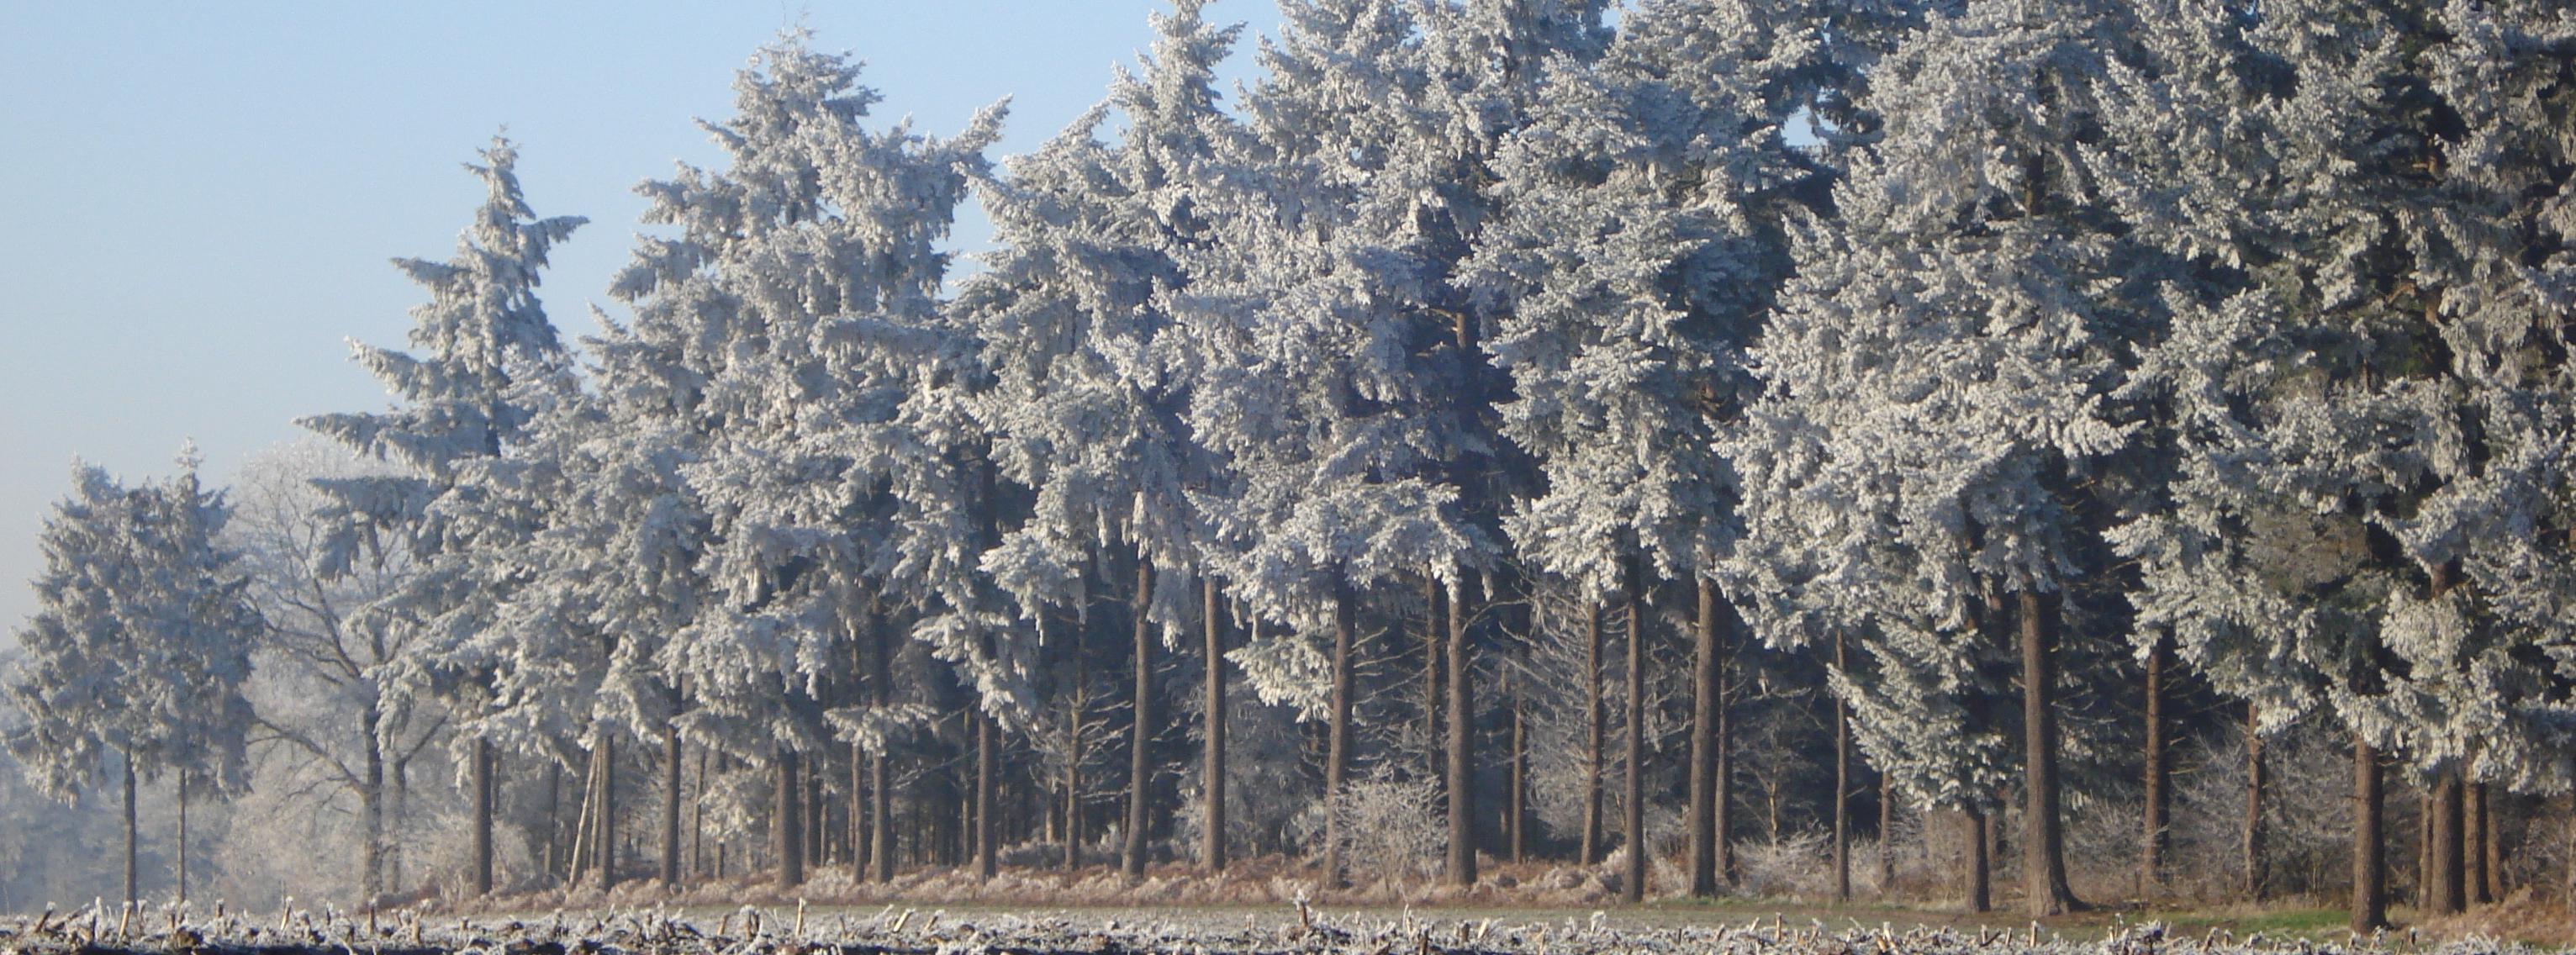 vorden-winter-2007-008-e1575219467161